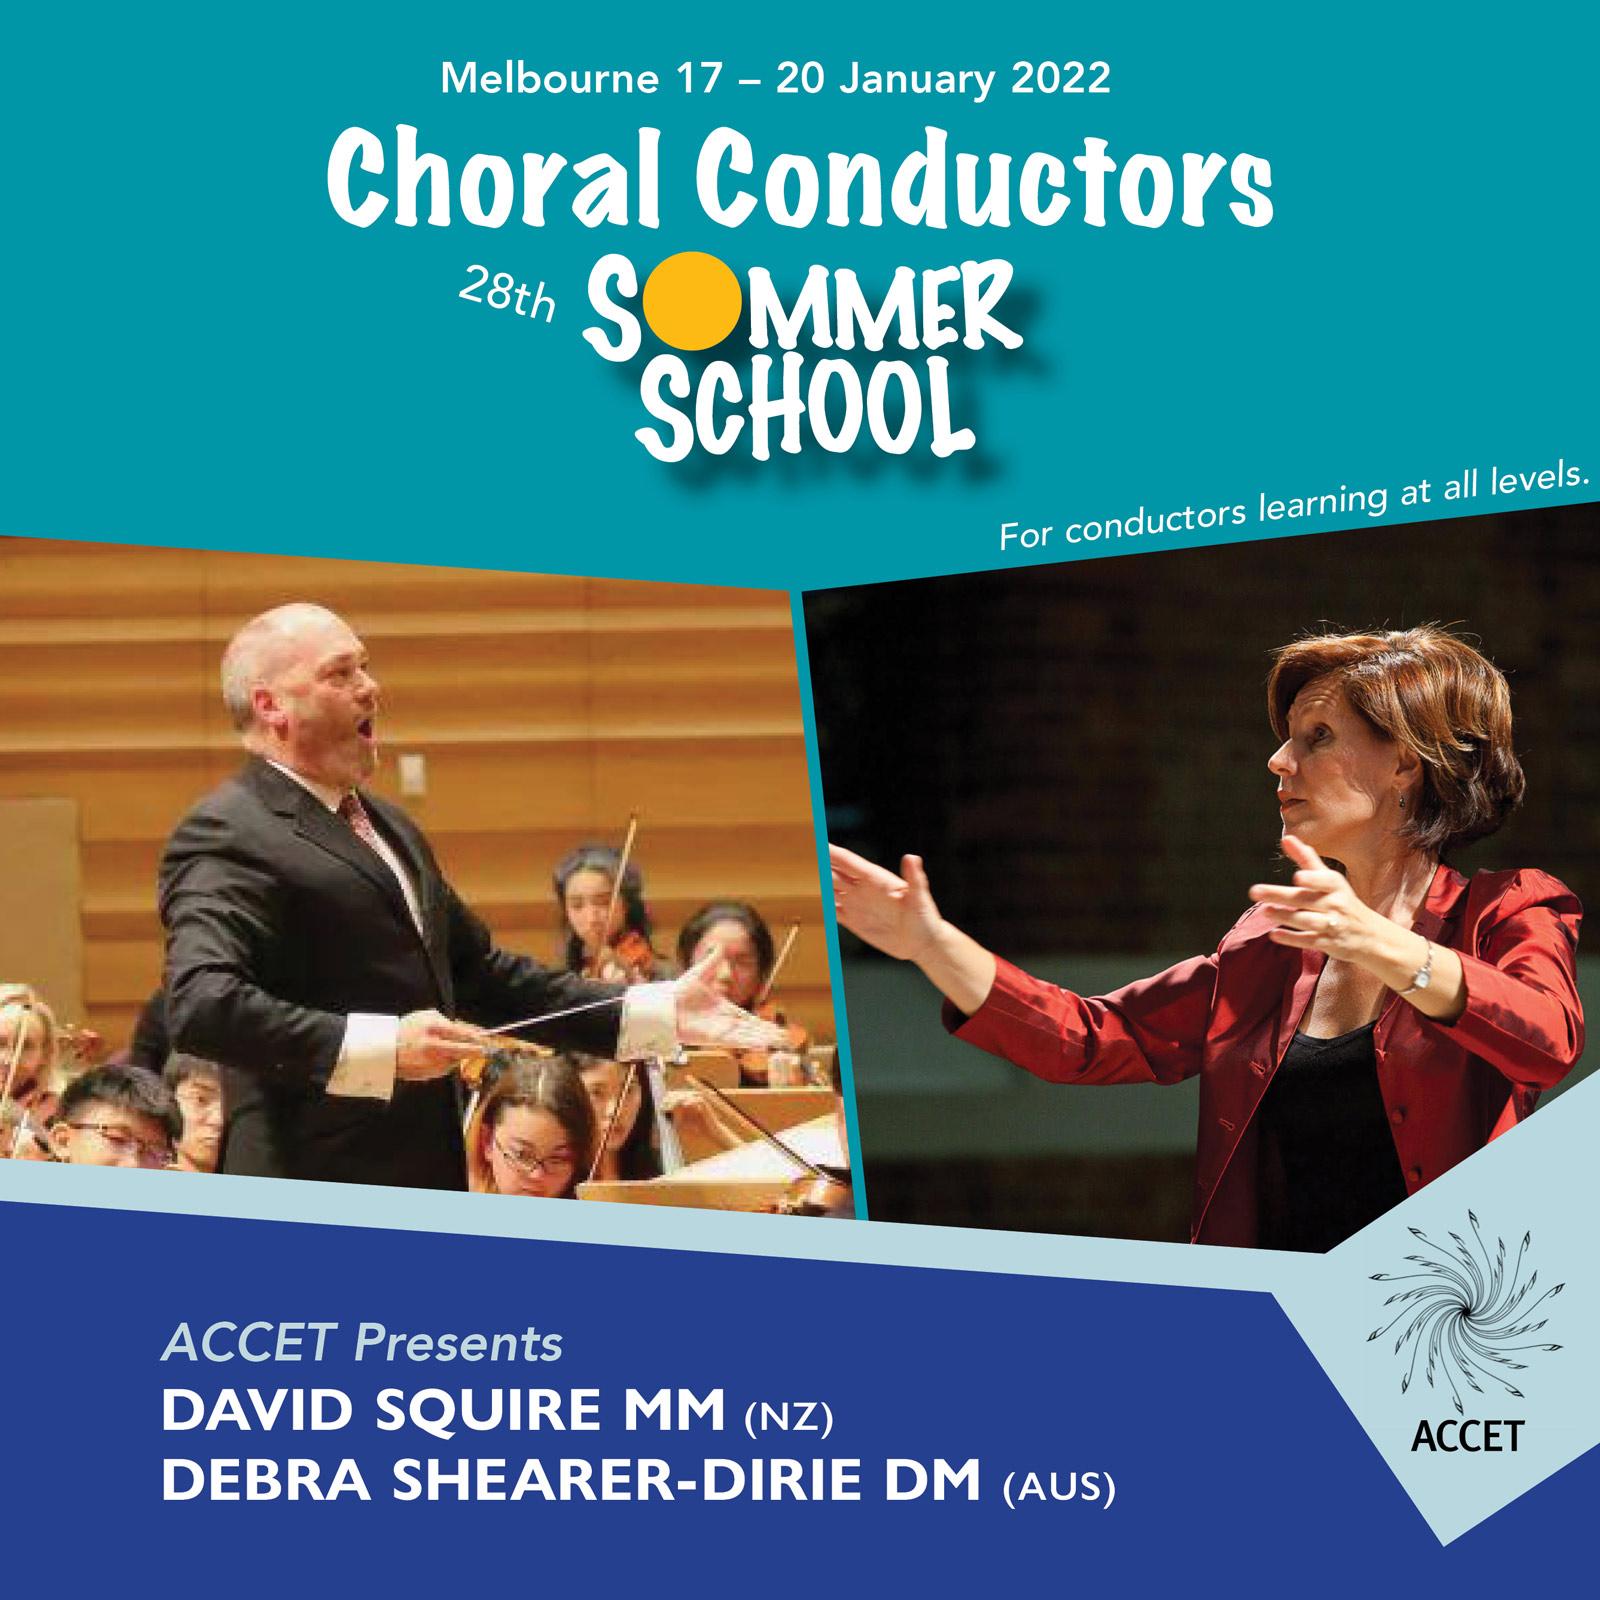 accet choral conductors summer school